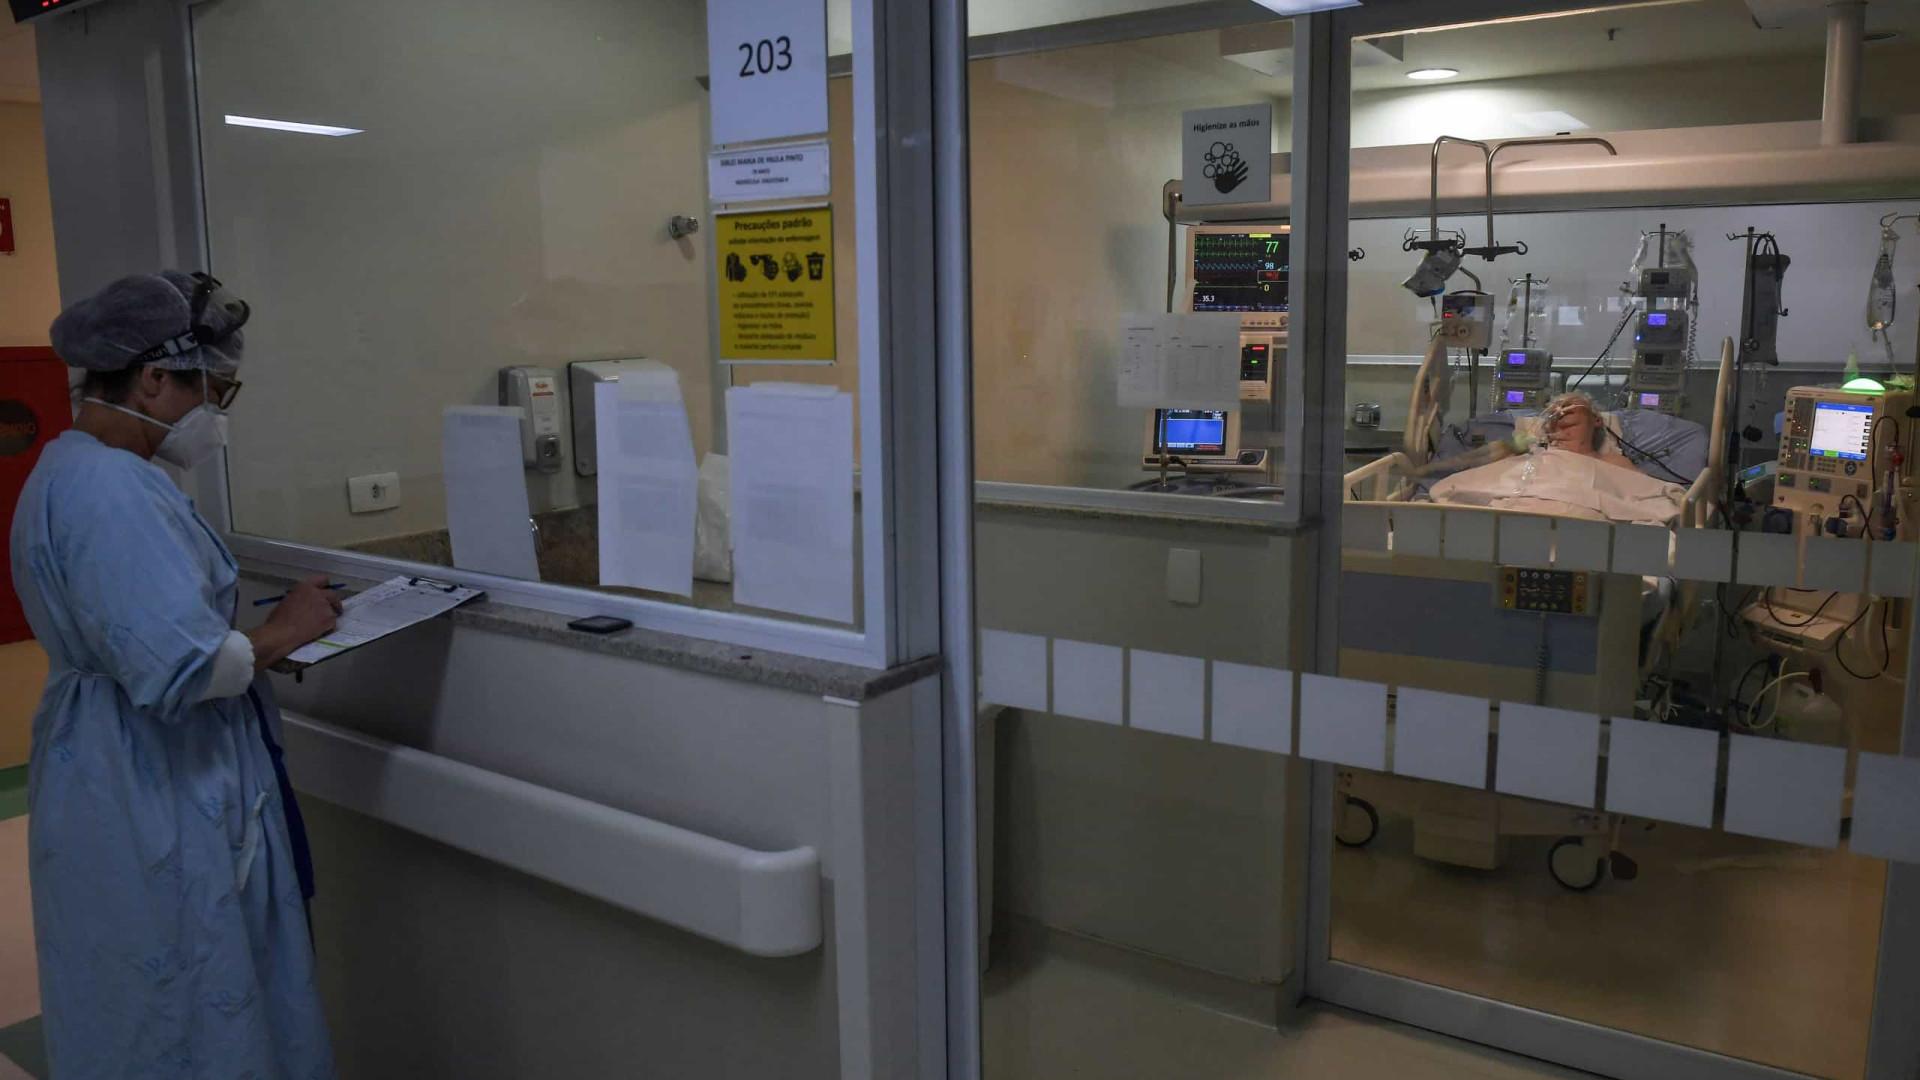 Covid-19 cresce e pressiona hospitais no interior de SP